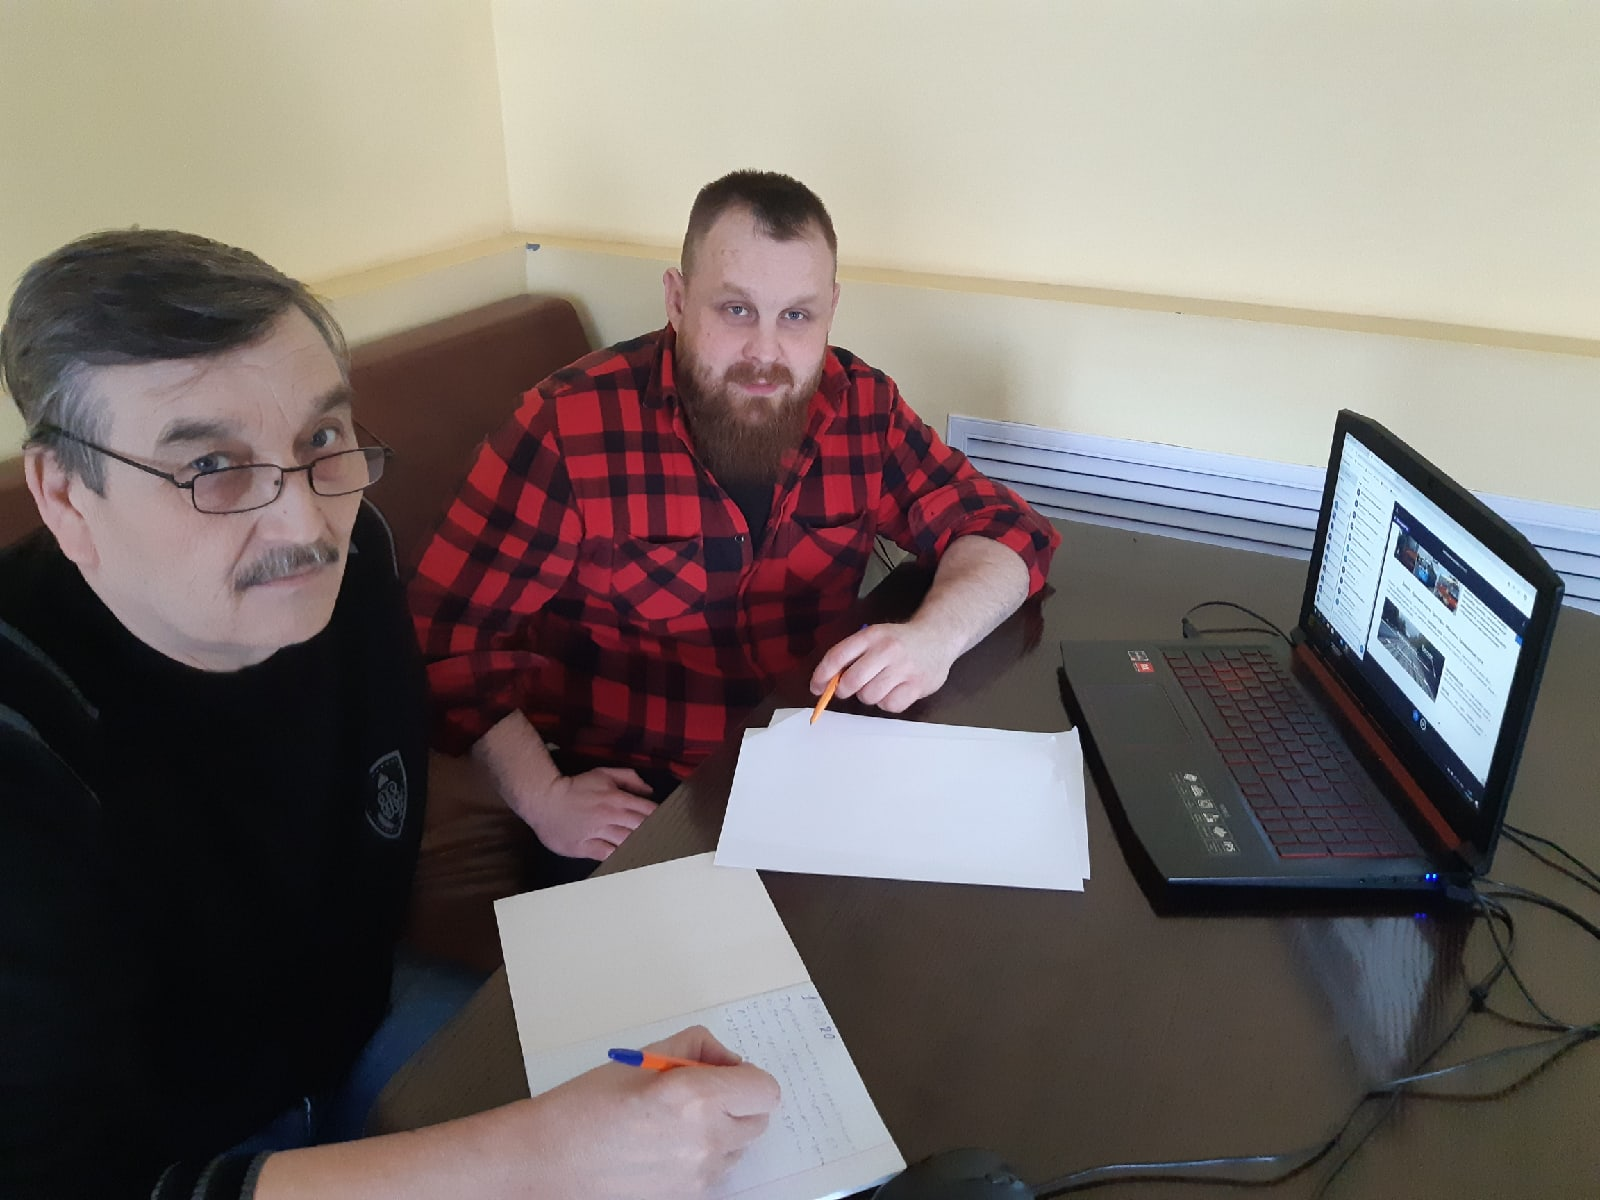 ООО «Сервис центр Автомобилист» — Кирсанов запустил инновационное дистанционное обучение